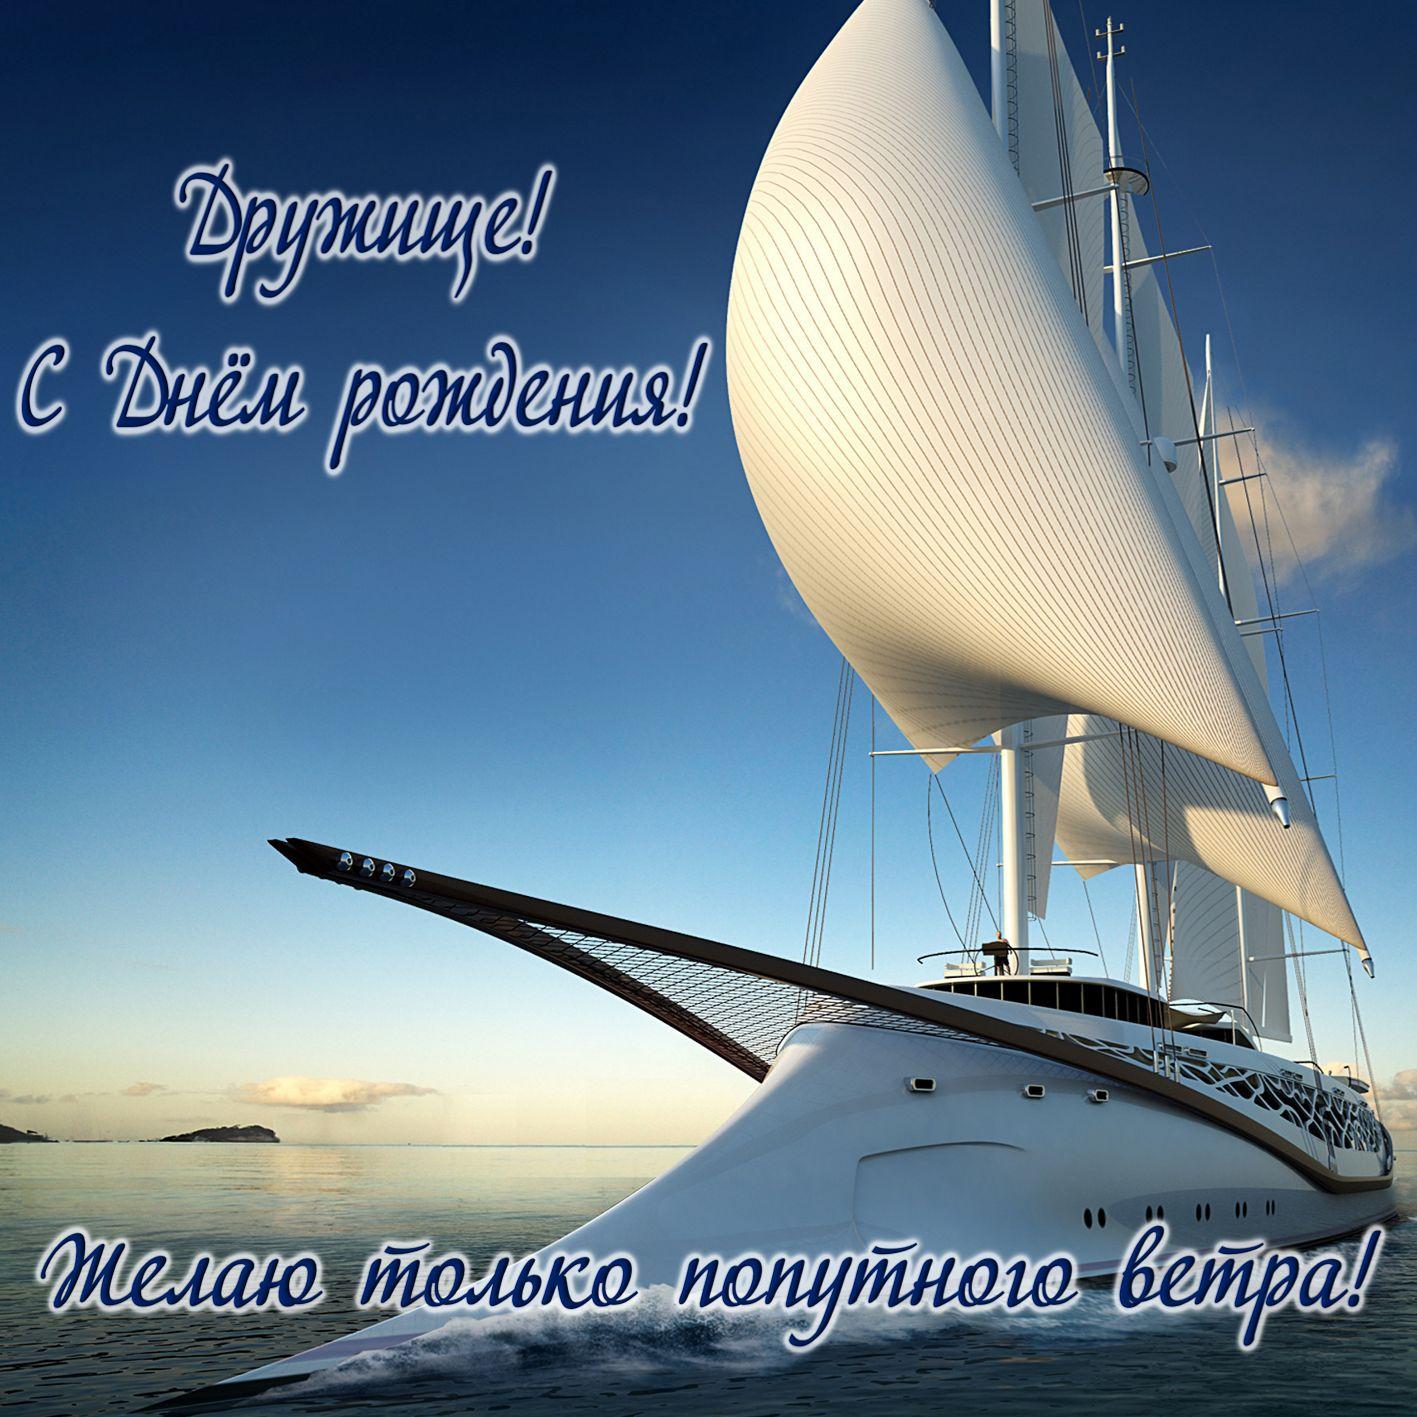 Открытка другу на День рождения - яхта под парусами на фоне синего неба